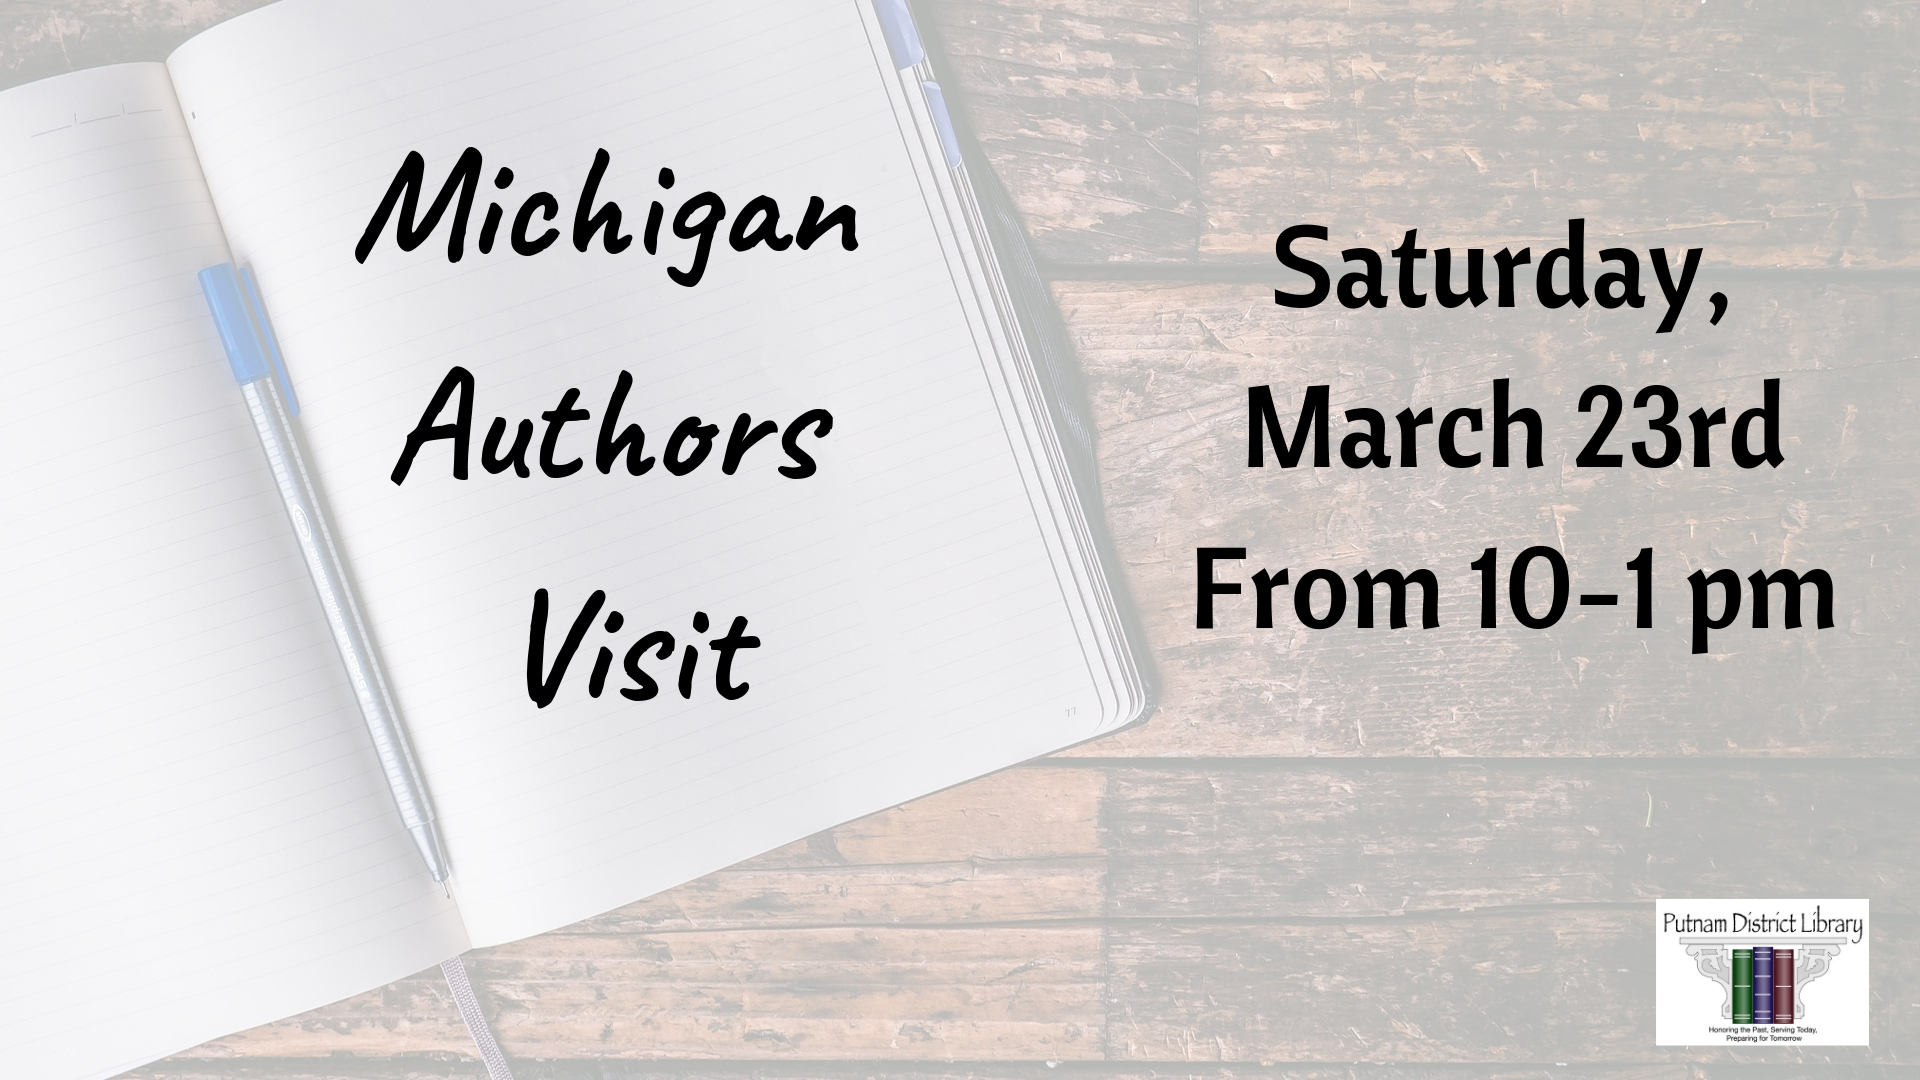 Michigan Authors Visit